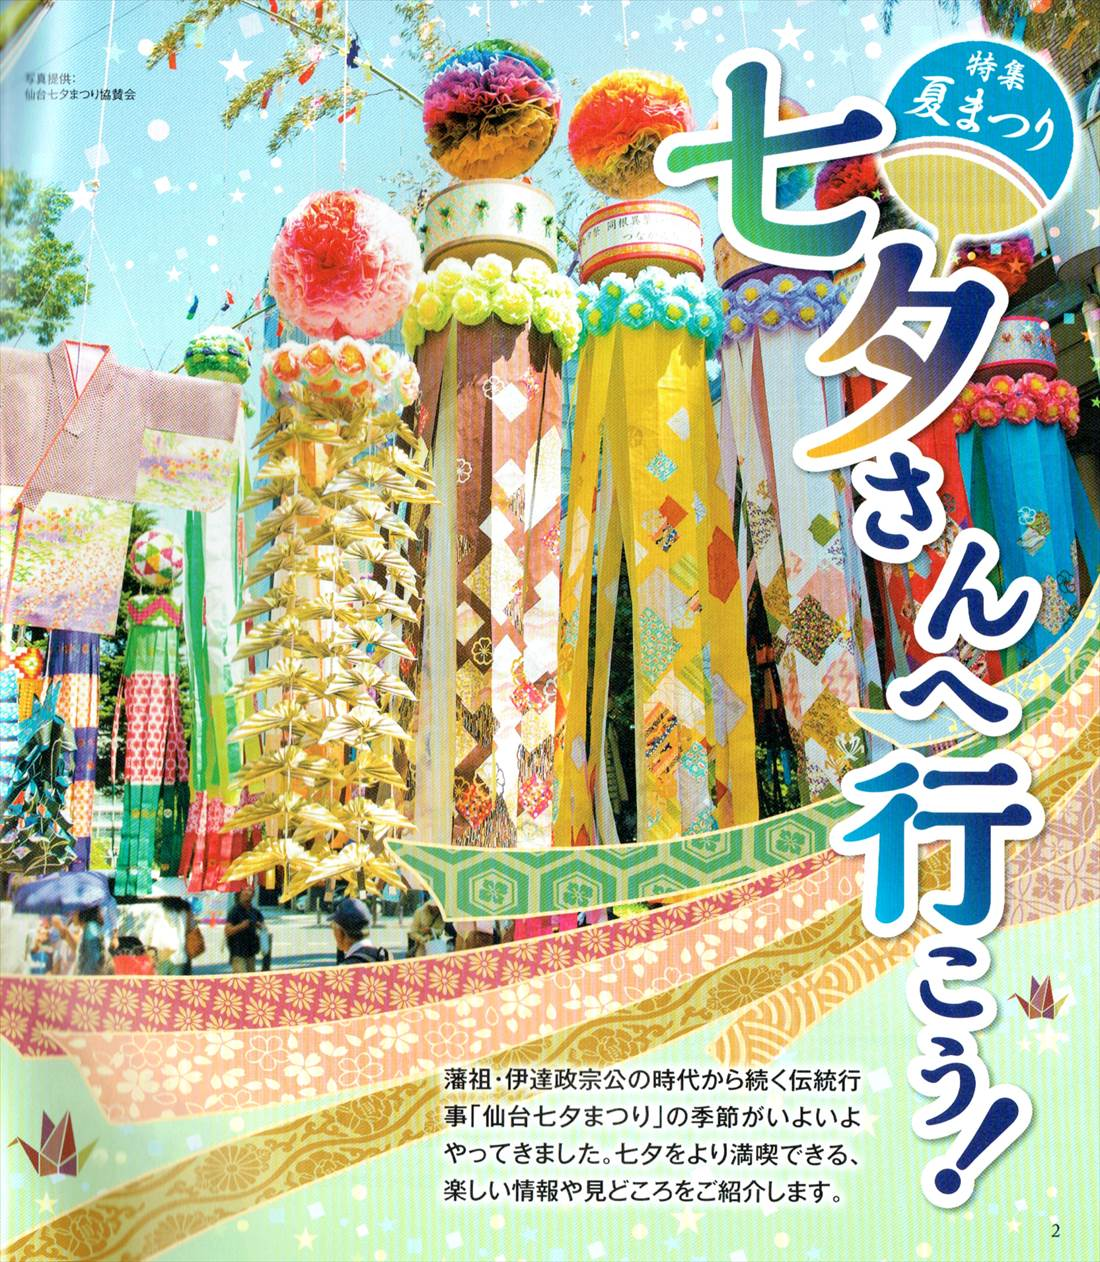 特集夏祭り七夕さんへ行こう